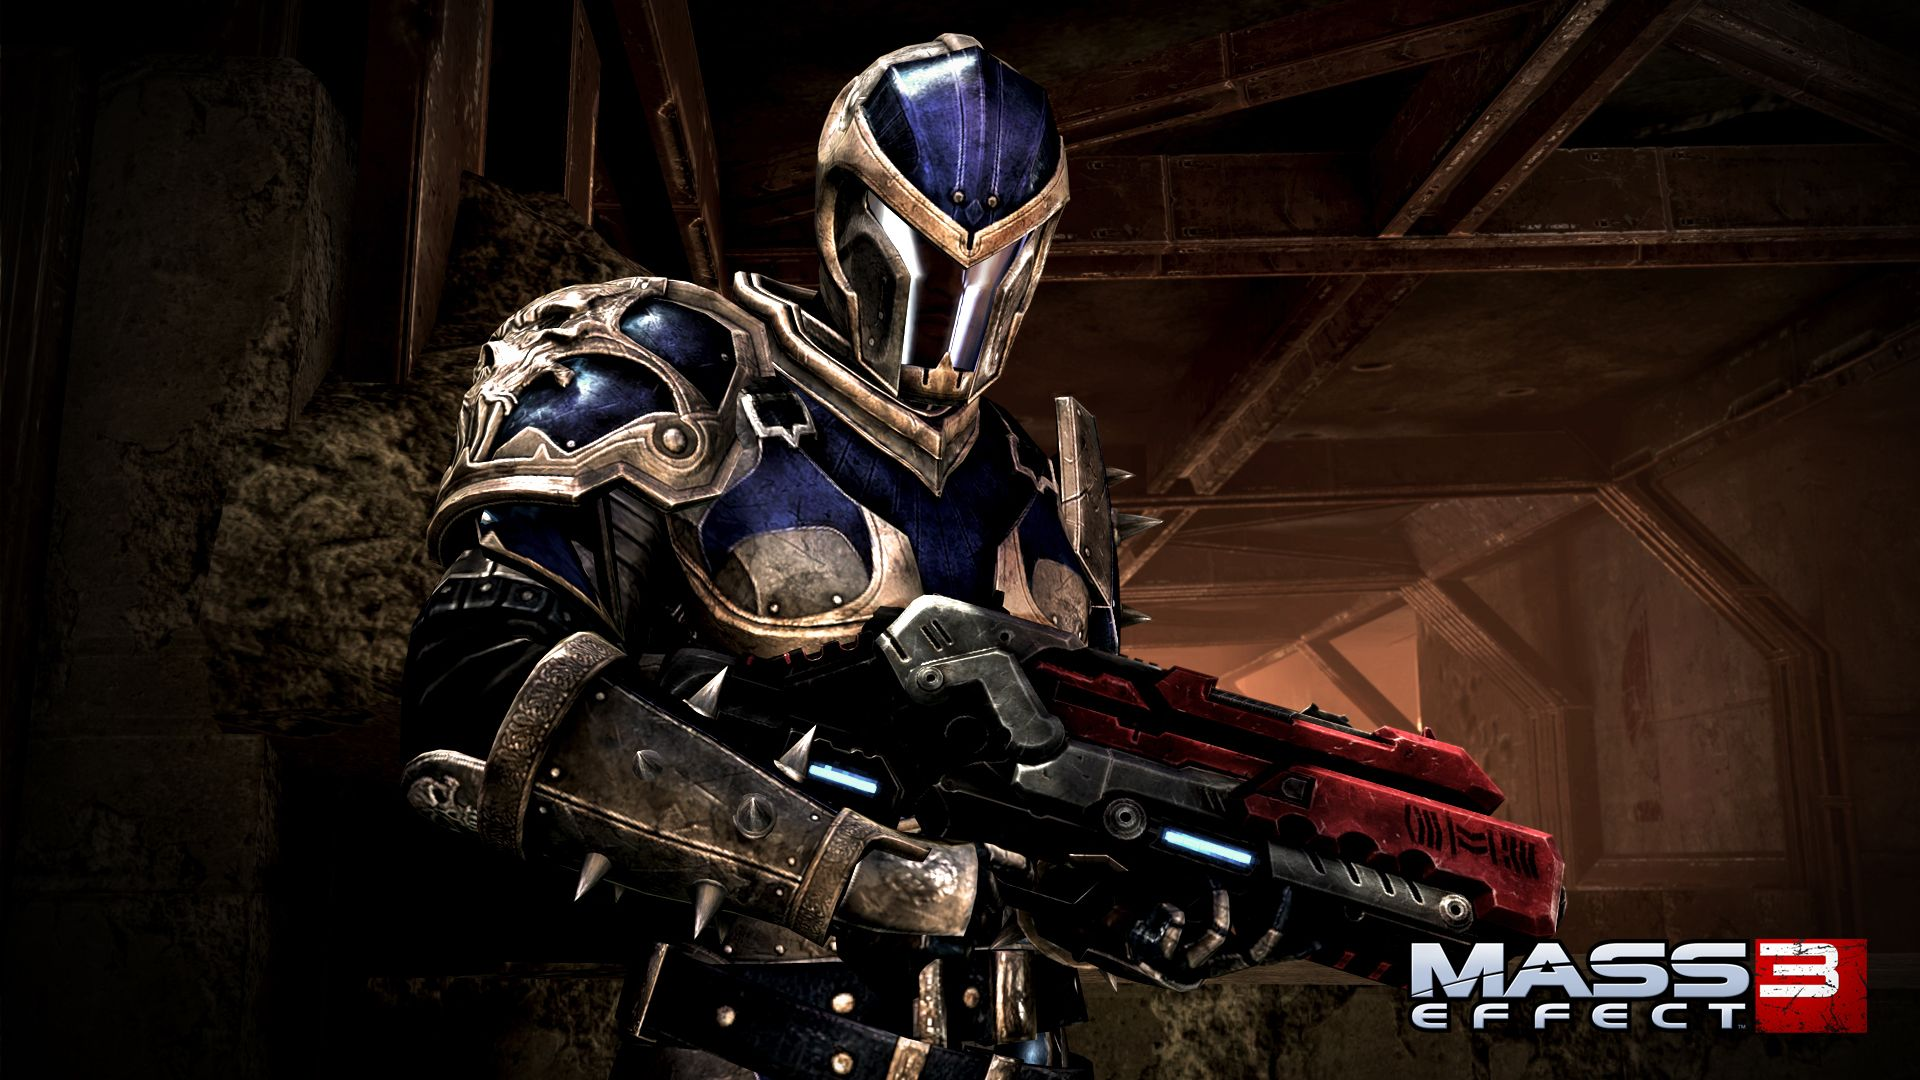 Demo Kingdoms of Amalur a exkluzivní bonusy pro Mass Effect 3 58589